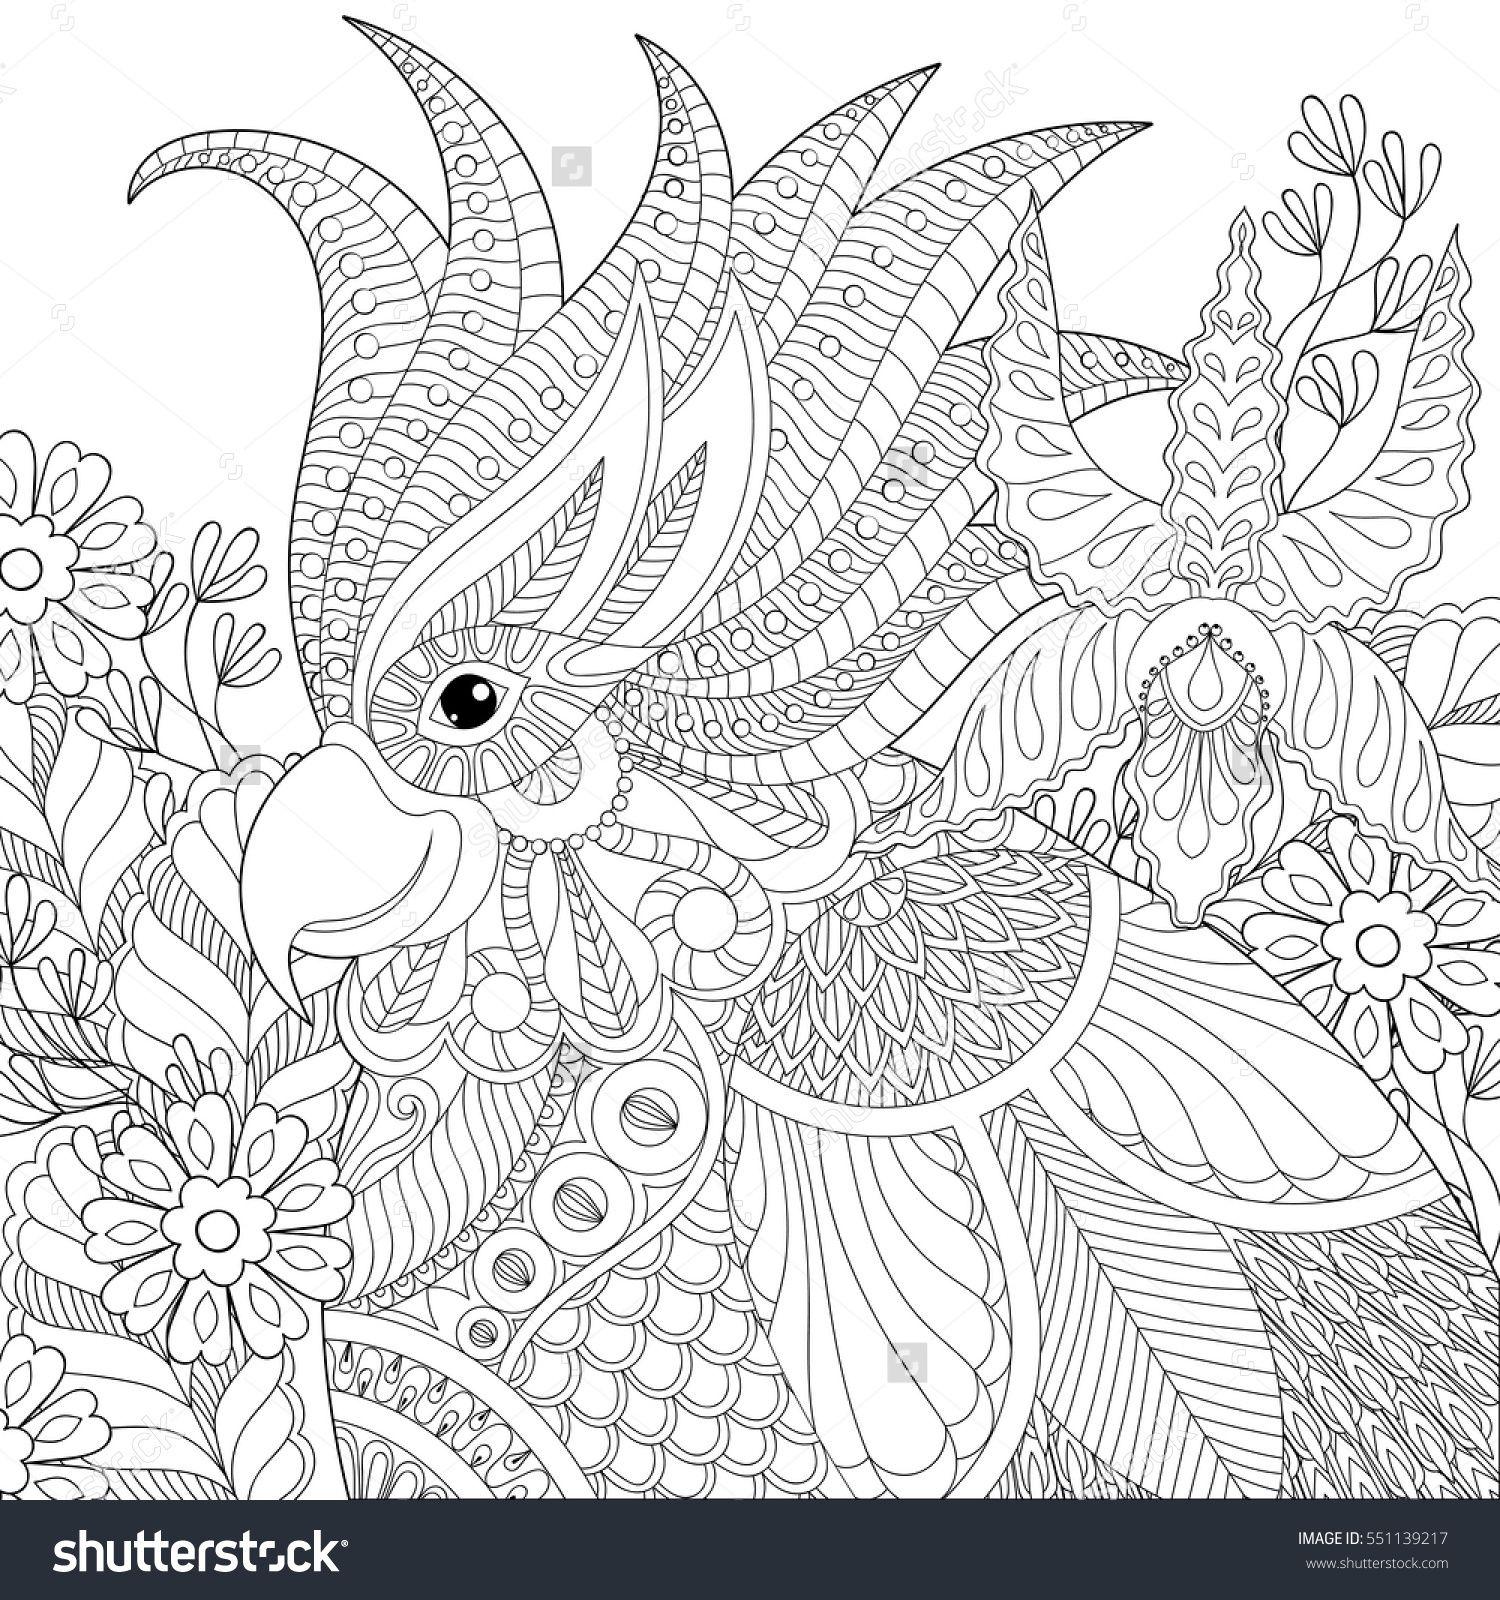 Adulte livre de coloriage zen mandalas volume 2 zentangle doodle art thérapie stress